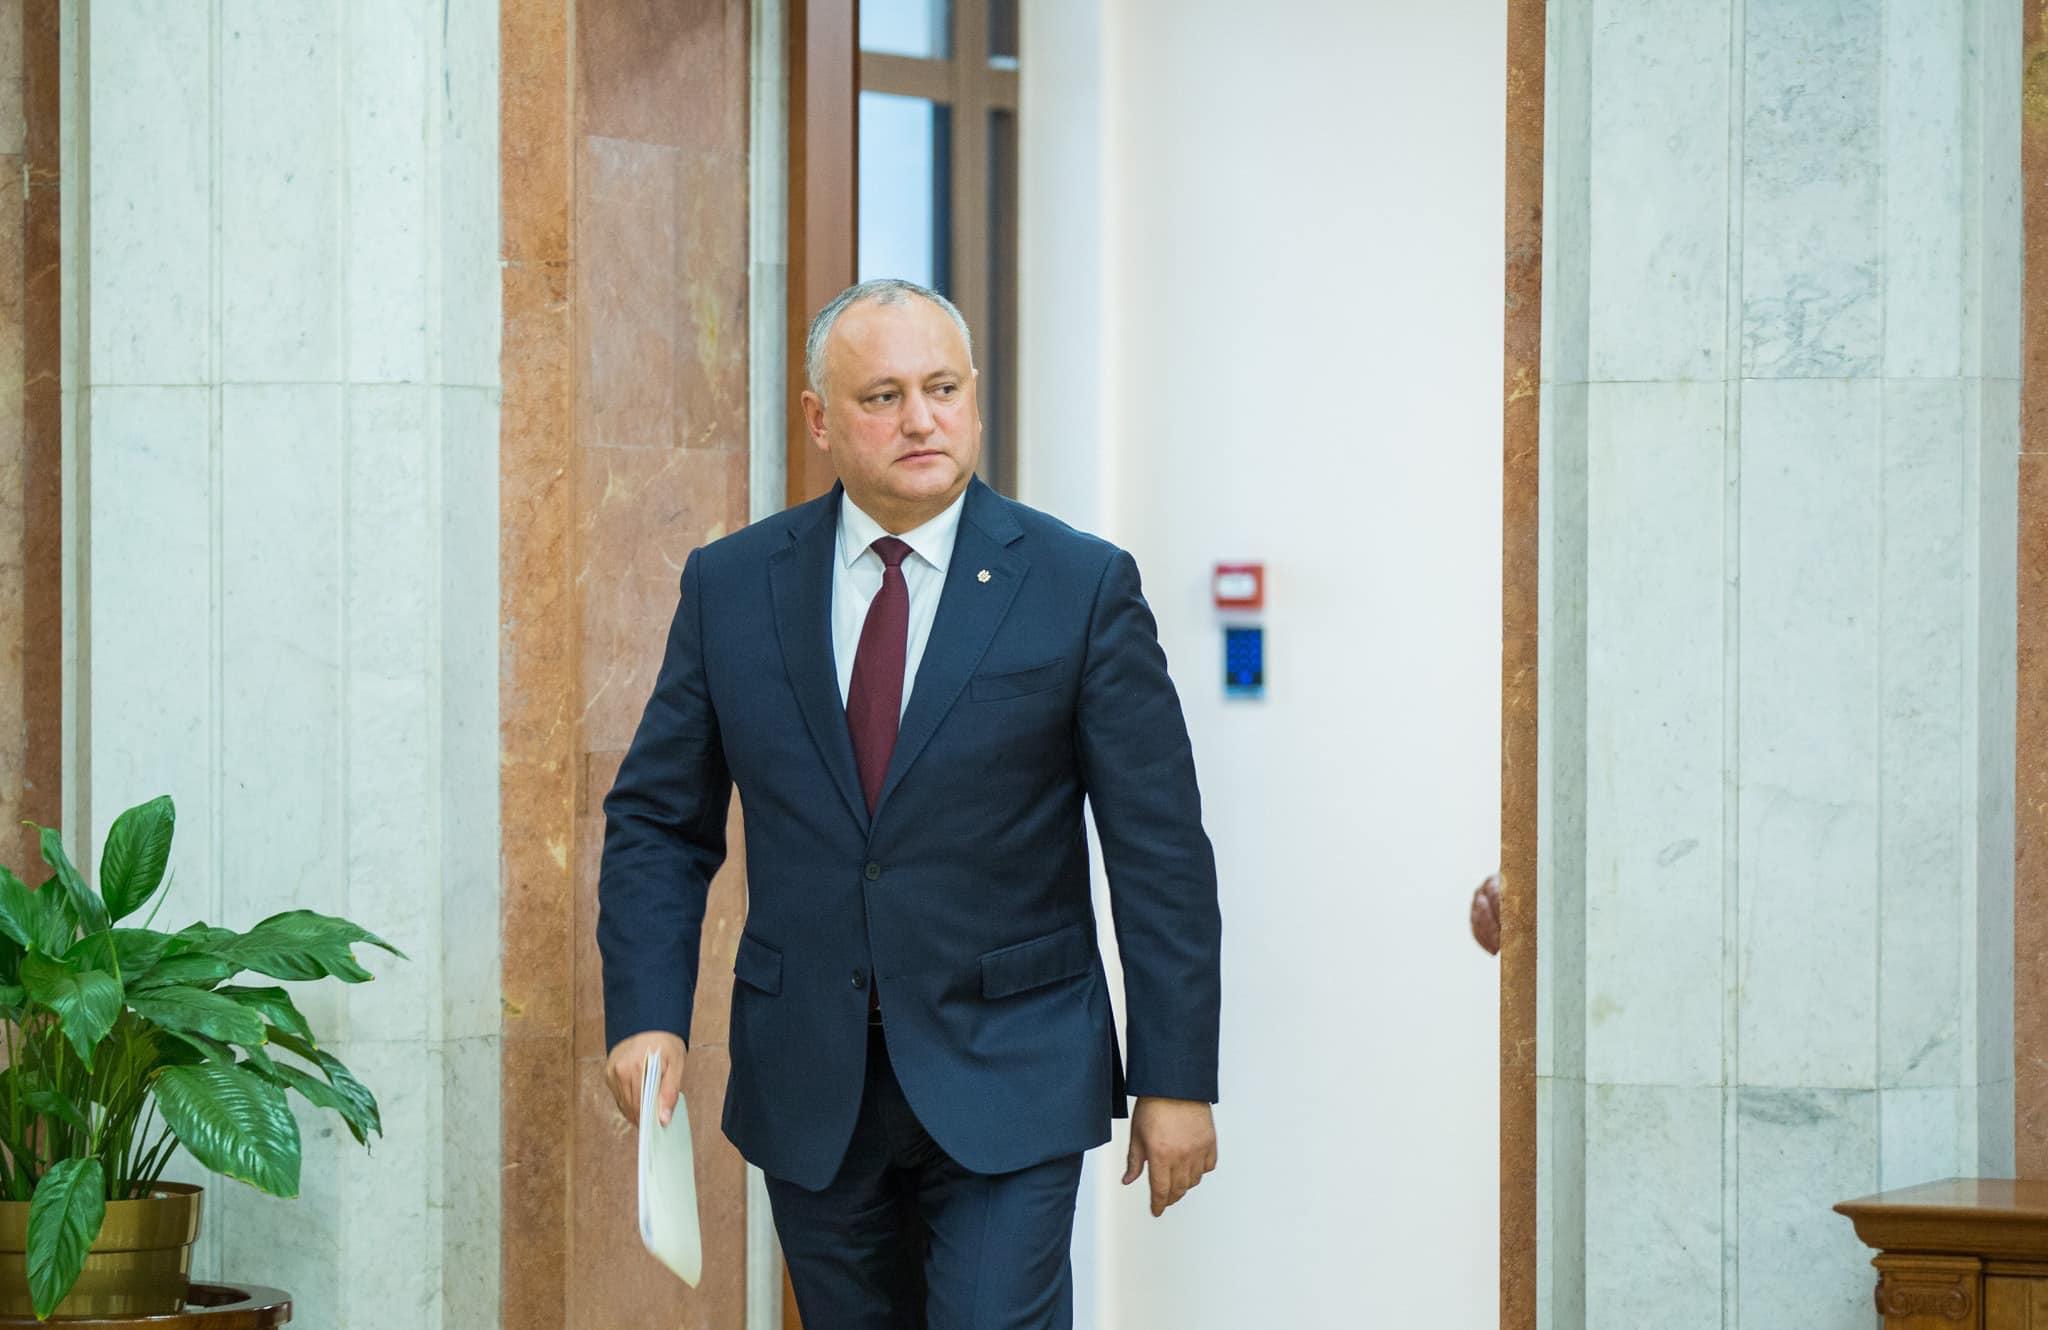 Președintele a înaintat în Parlament, cu titlu de inițiativă legislativă, două proiecte de lege